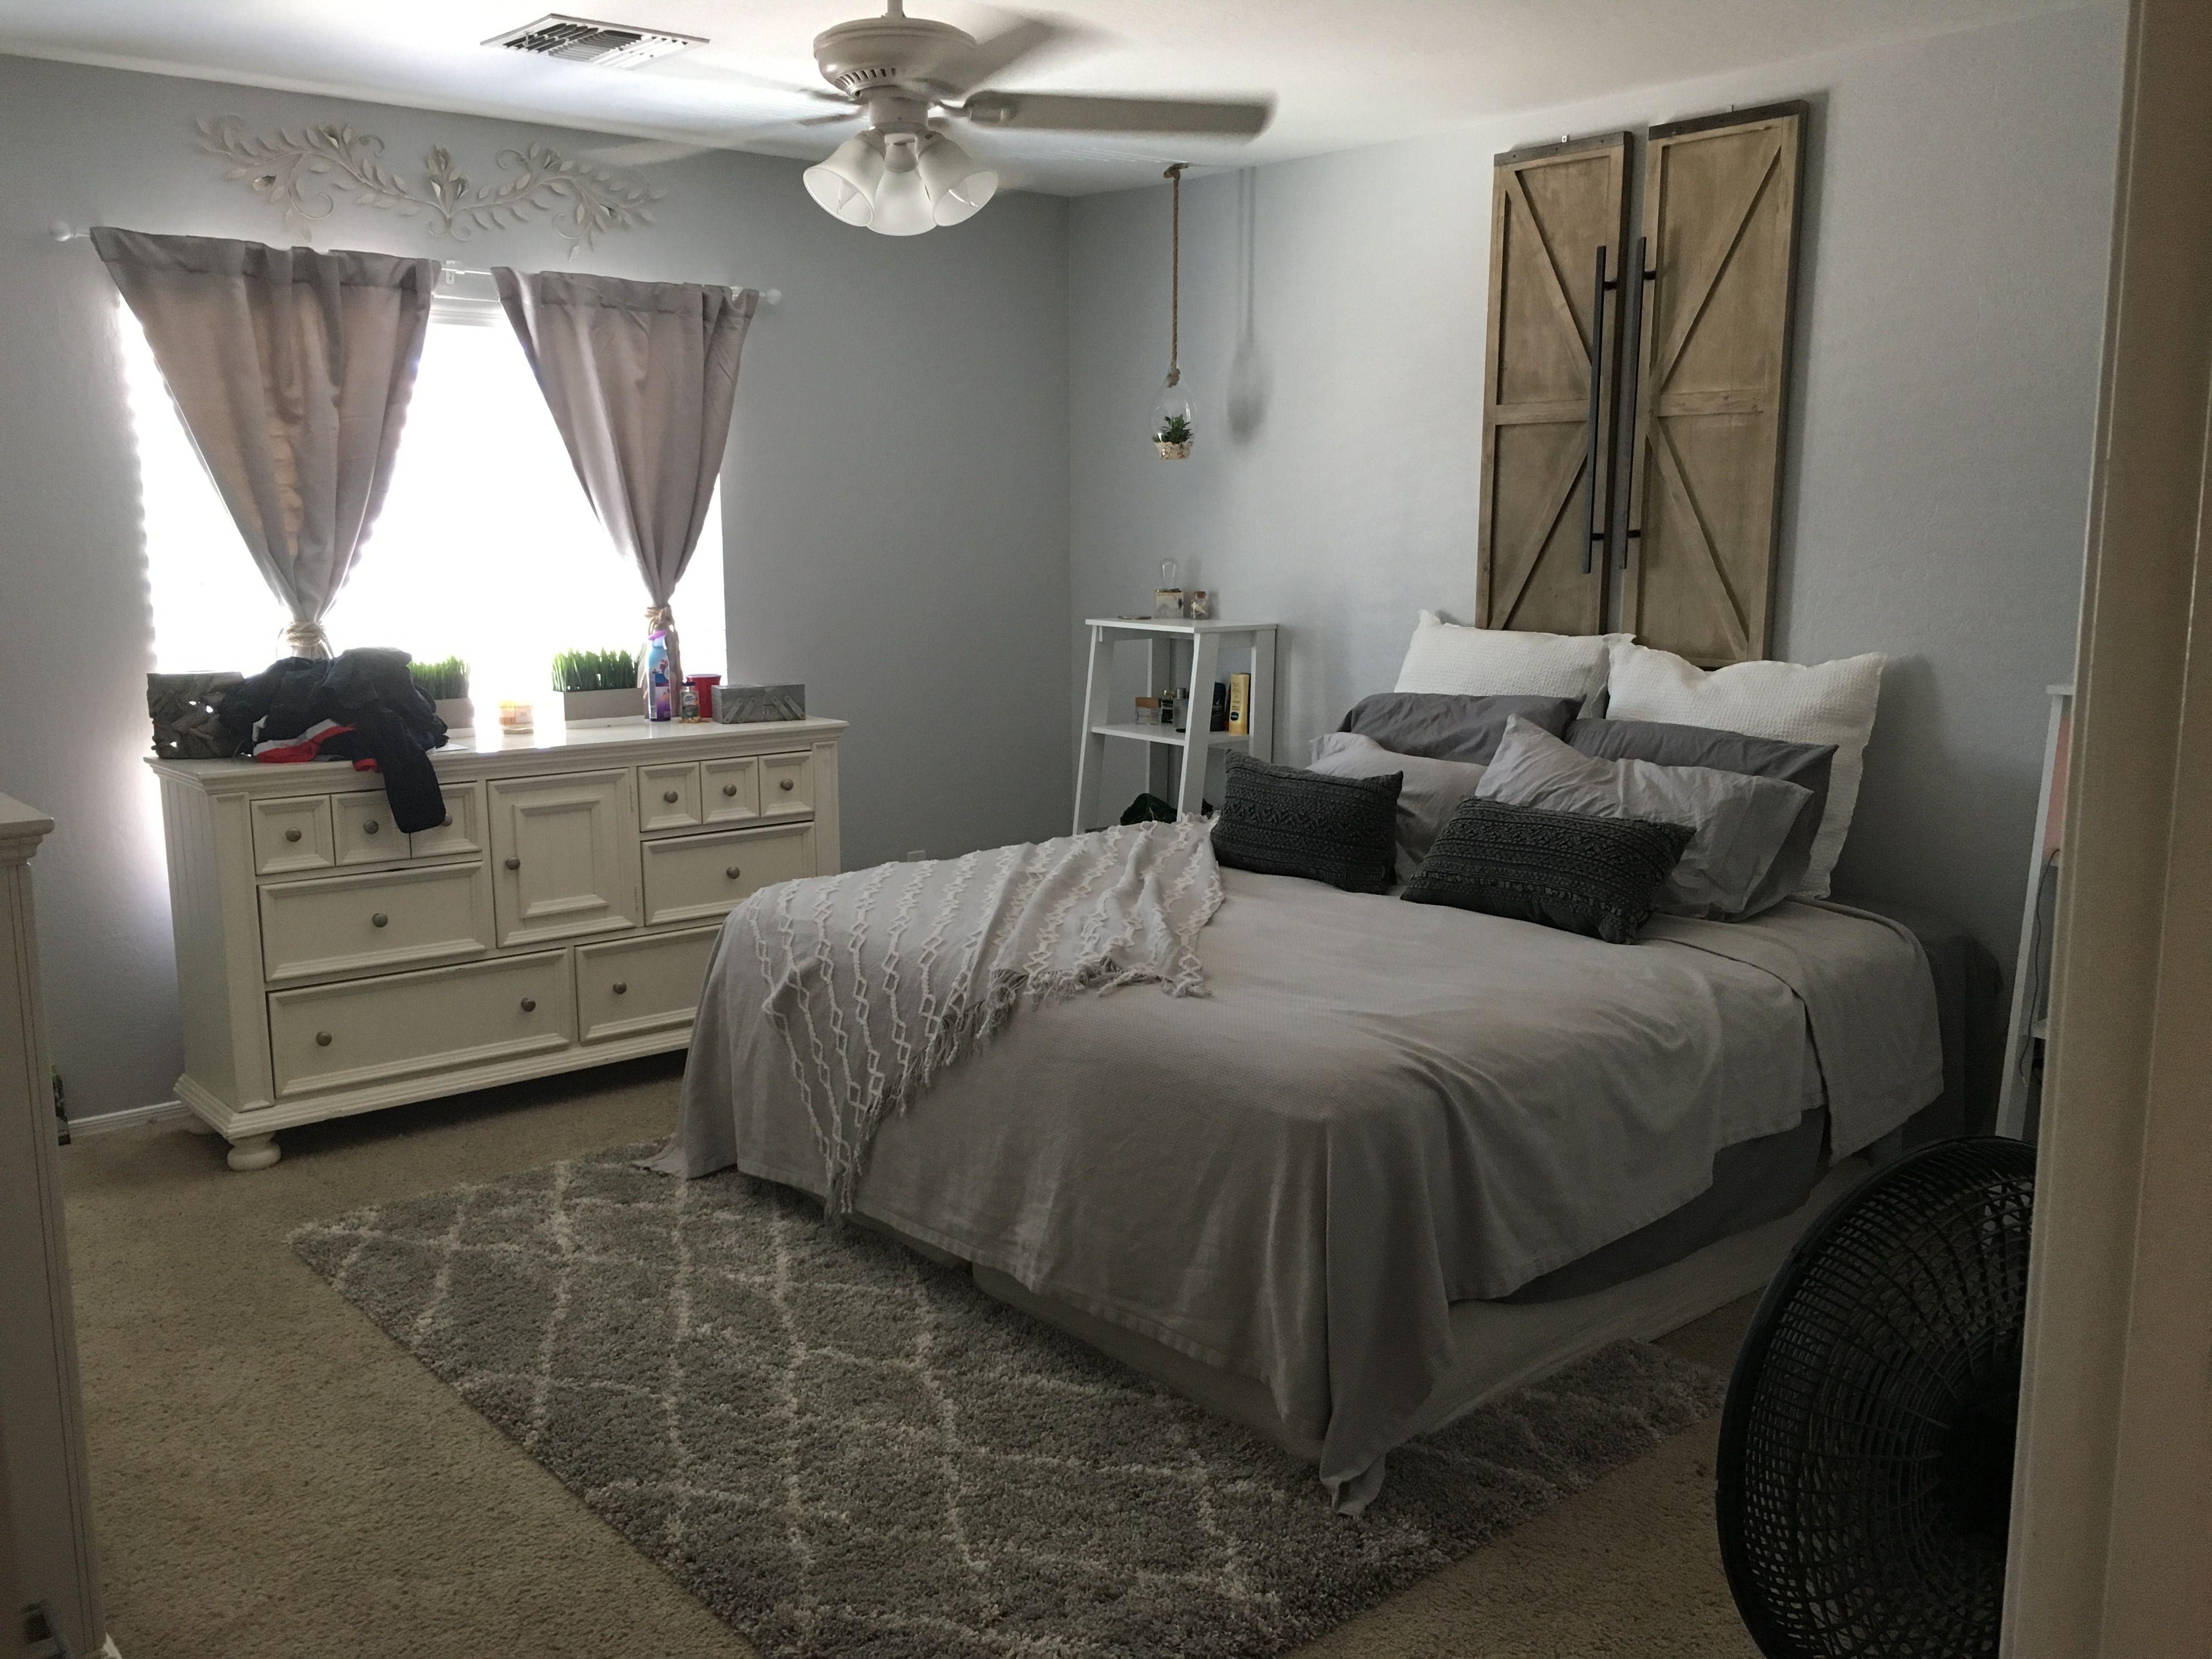 Room Inspo | Room inspo, Room, Home decor